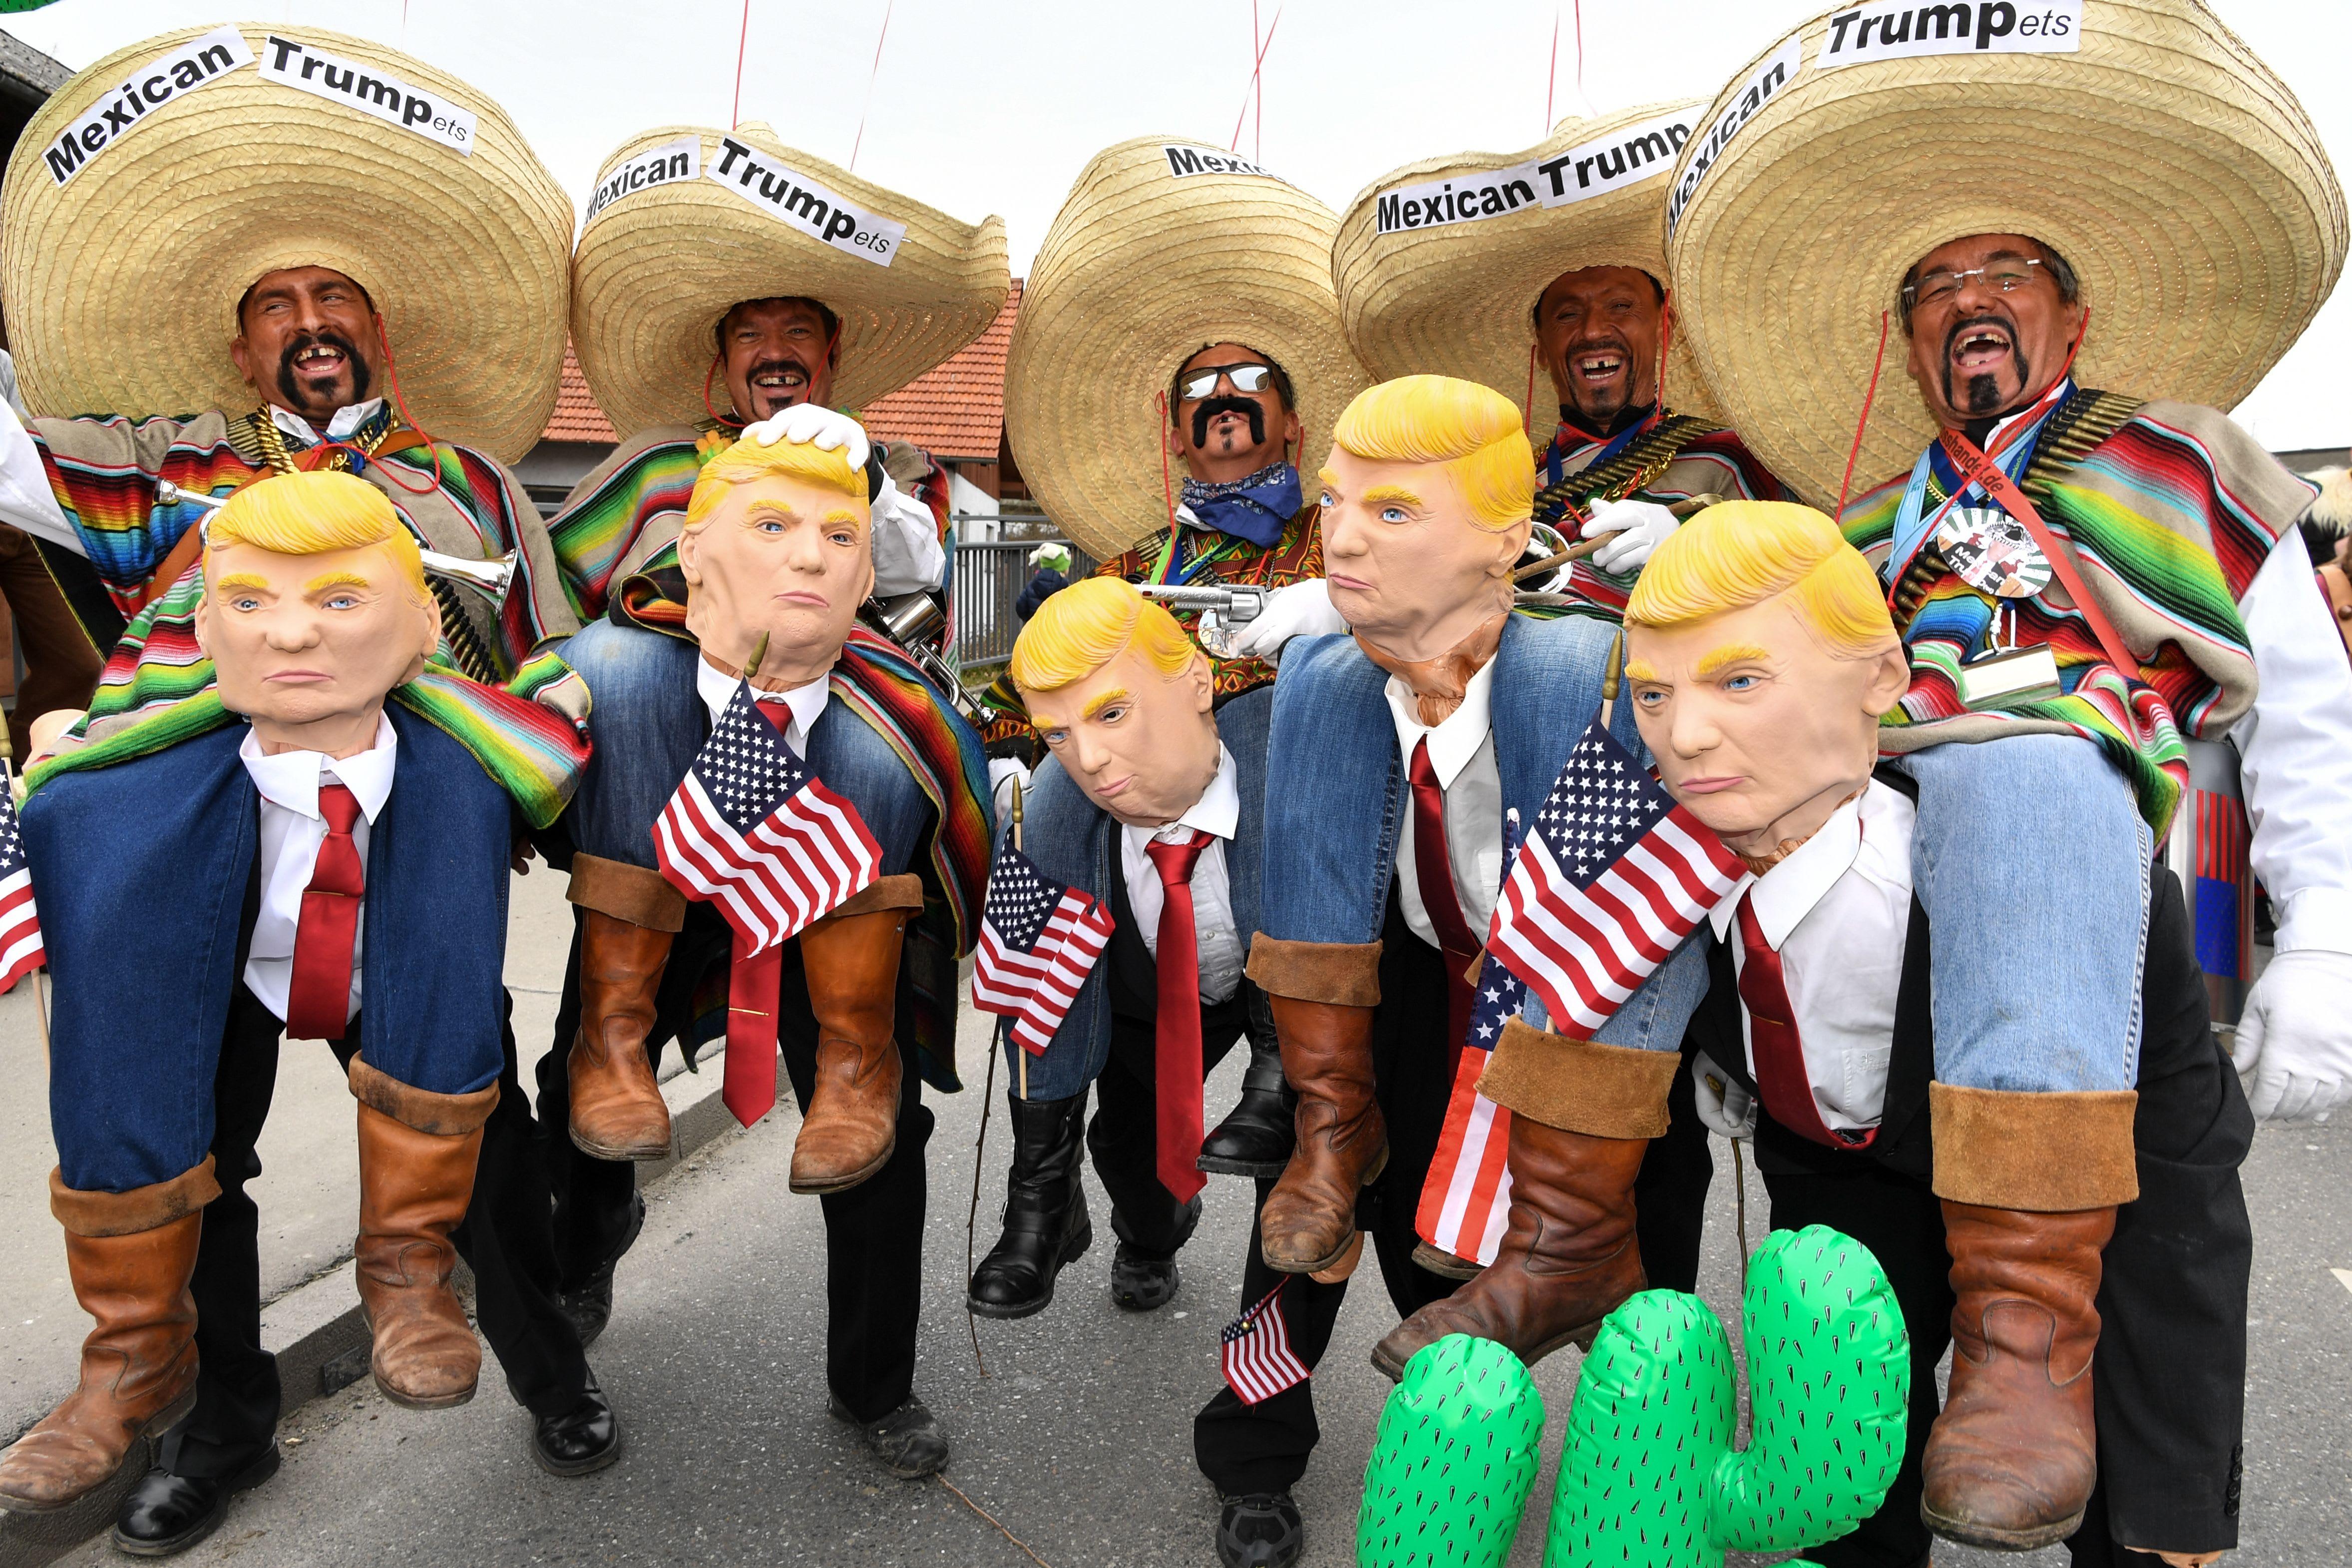 Mes de la Herencia Hispana: ¿Trump promueve el rechazo a la comunidad latina?